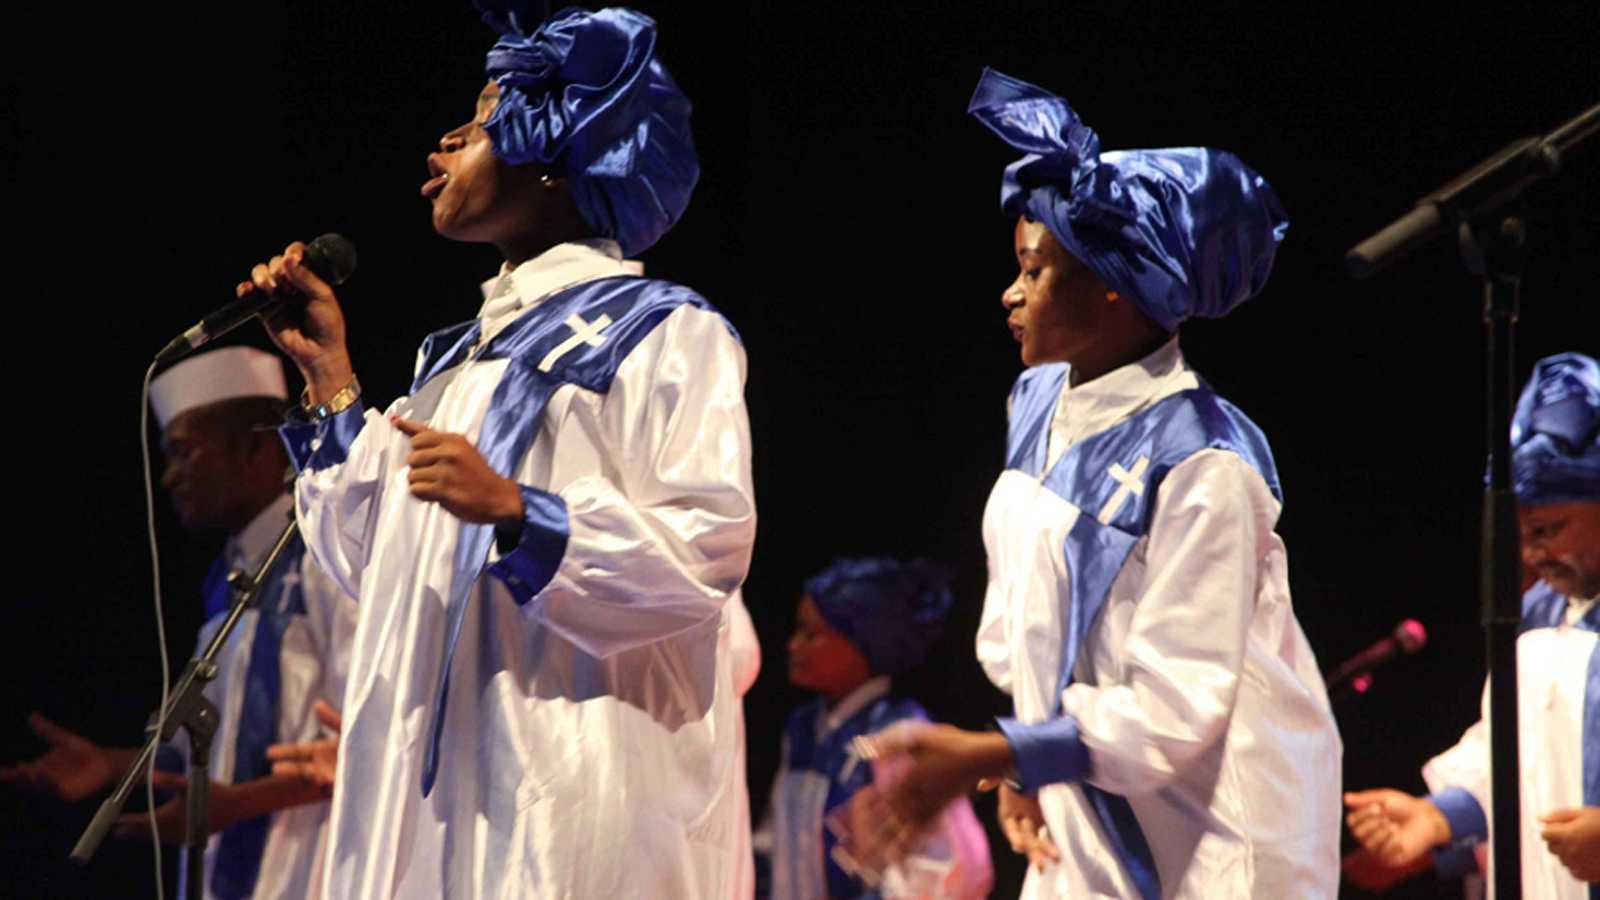 África hoy - Festival de Villancicos 2020 en centros culturales ecuatoguineanos - 24/12/20 - escuchar ahora